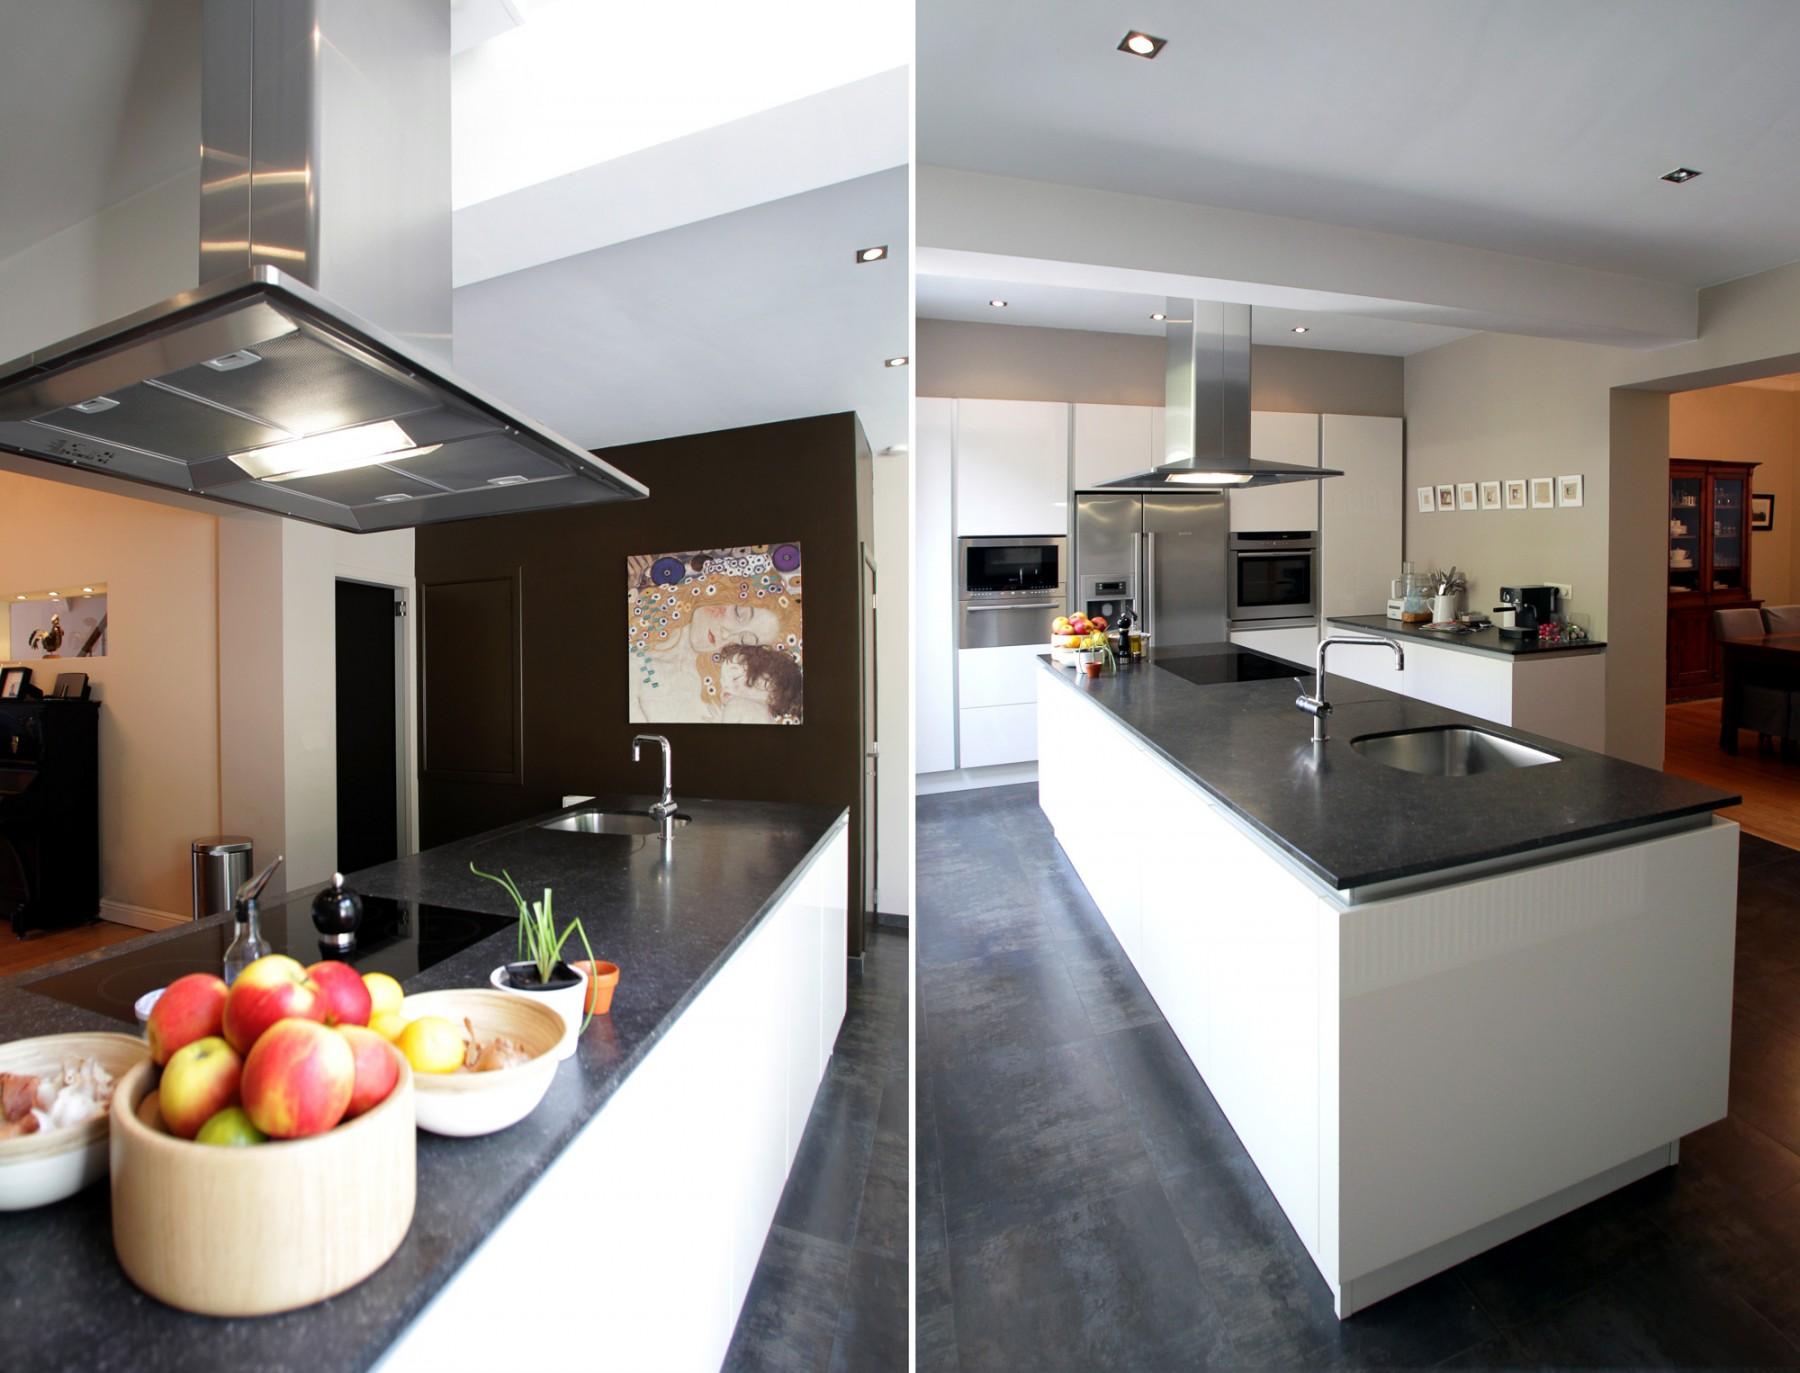 merni 004. Black Bedroom Furniture Sets. Home Design Ideas